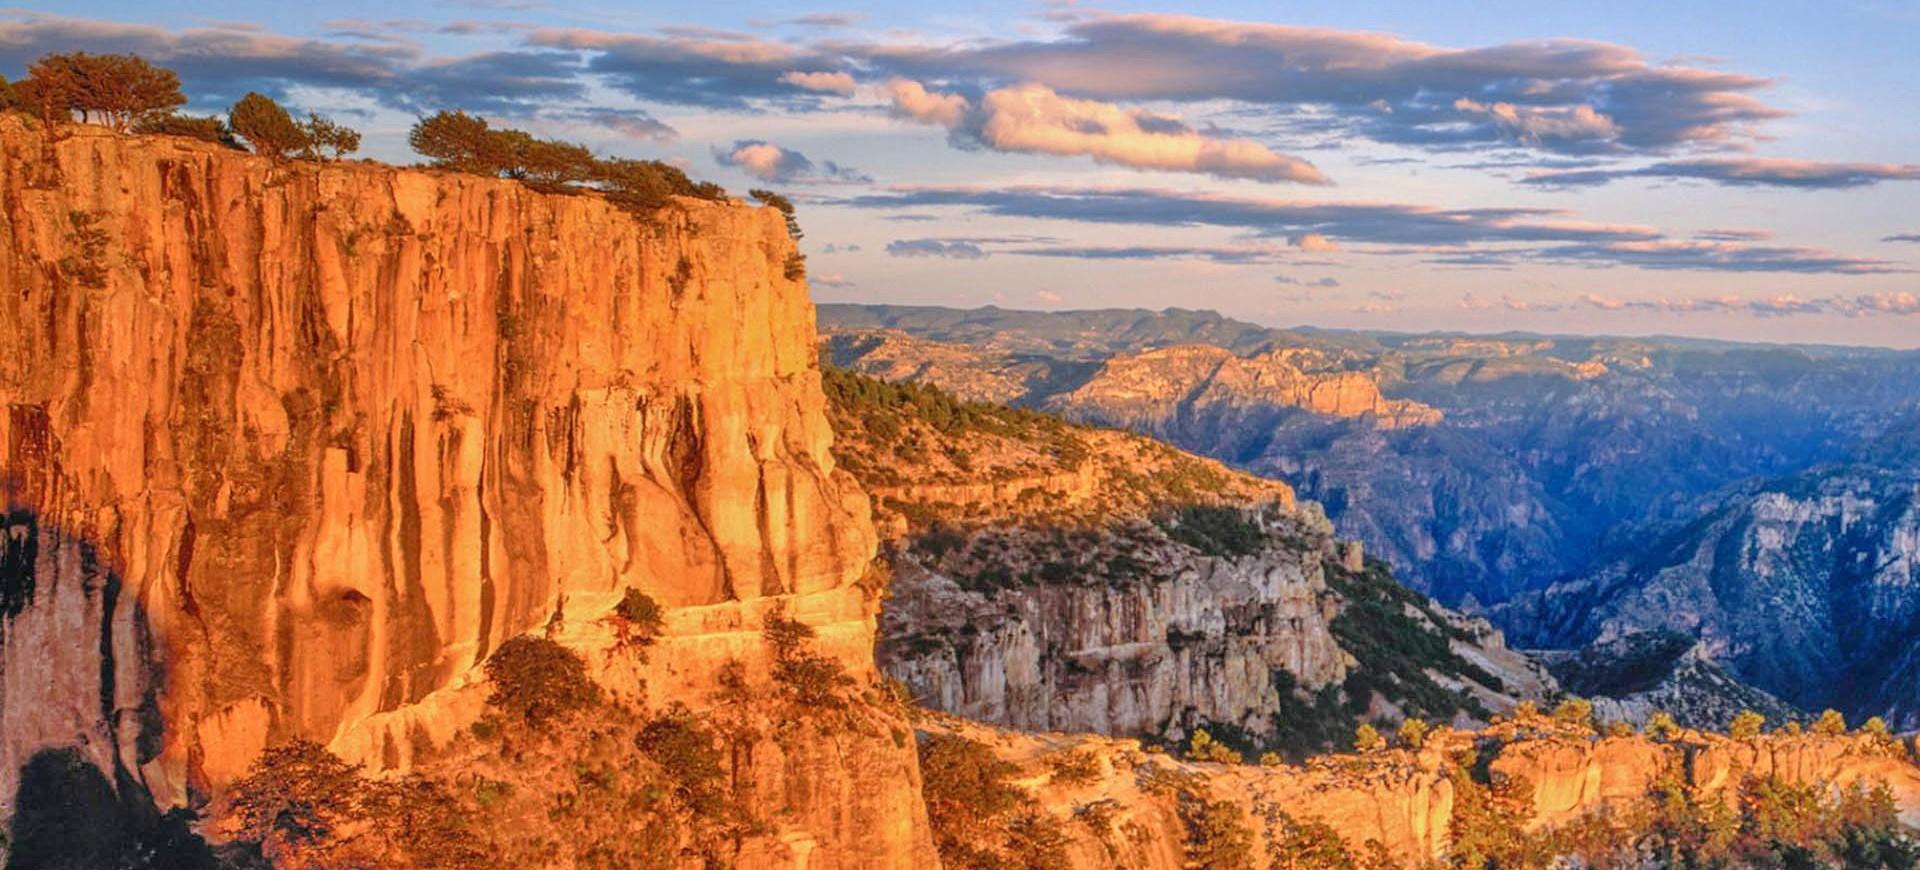 Mexique Las Barrancas del Cobre Canyon